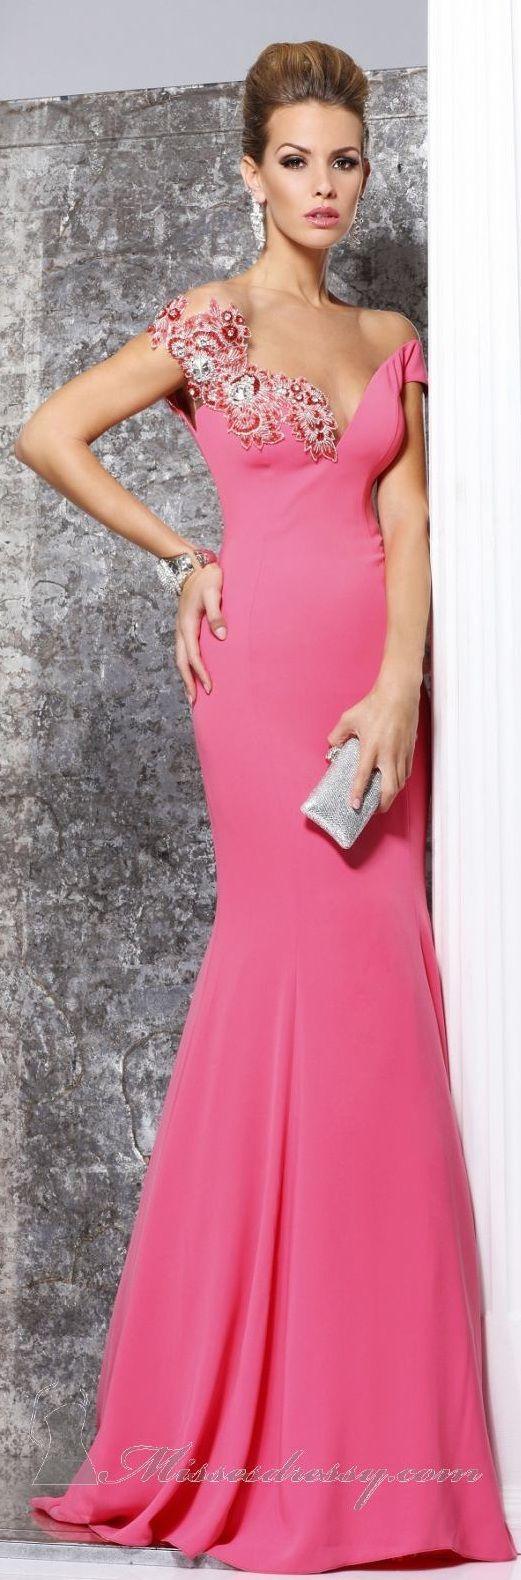 Tarik Ediz couture - vestidos de madrinha